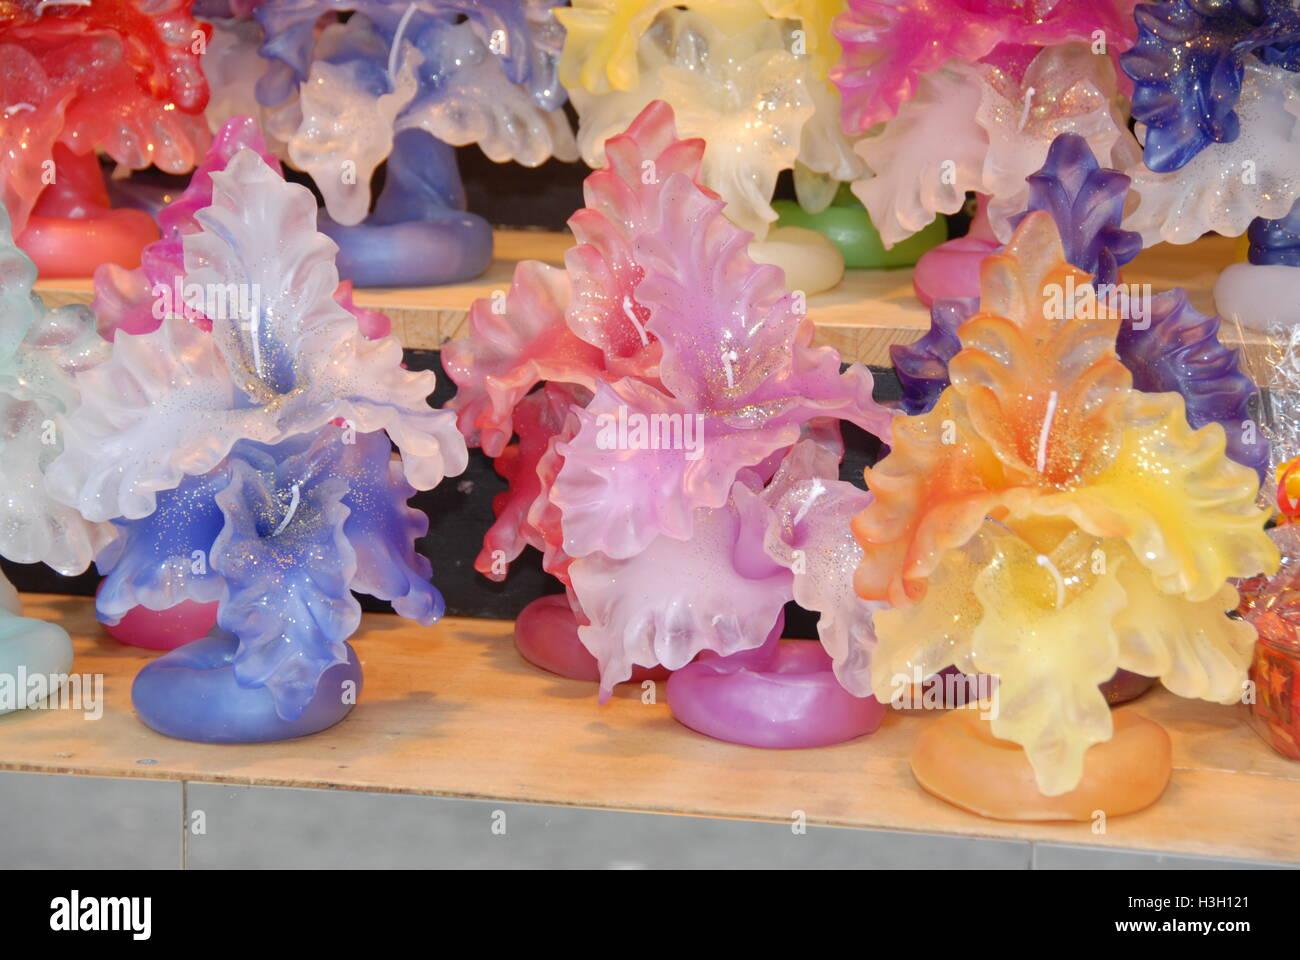 Decorazioni Artigianali Natalizie.Vetro Artigianale Decorazioni Natalizie In Vendita Presso I Bambini